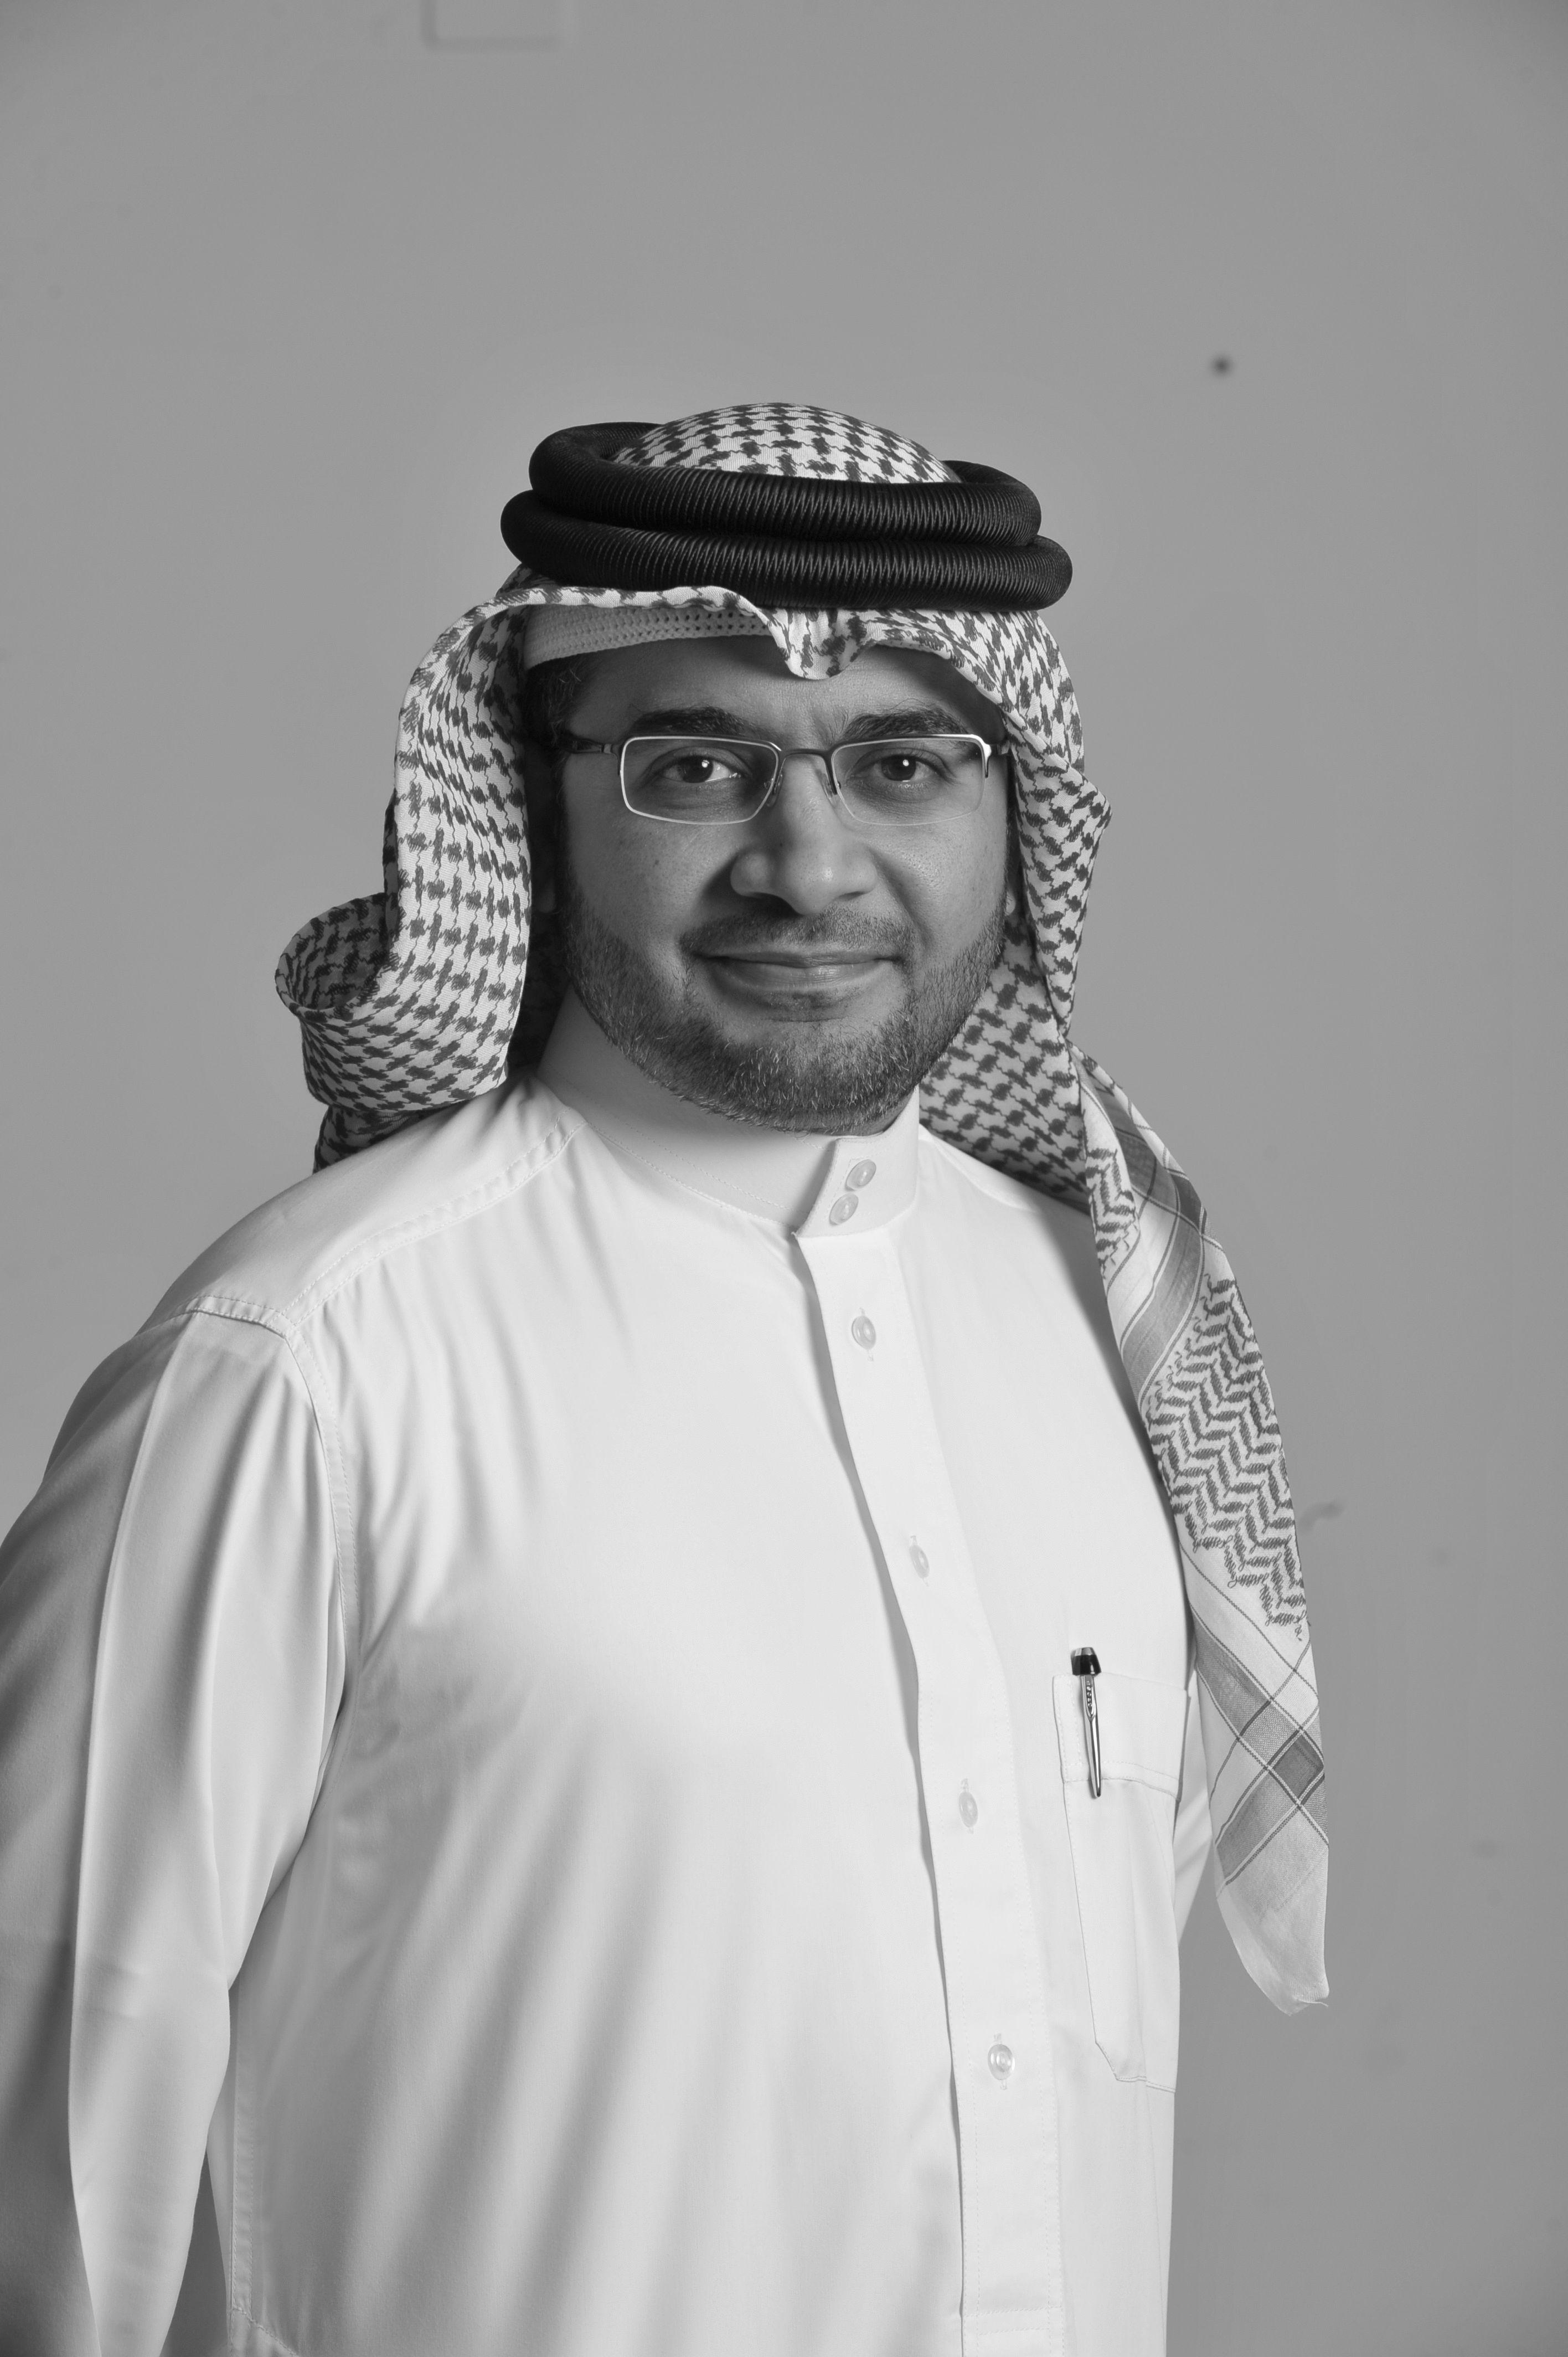 إبراهيم الشيخ Headshot